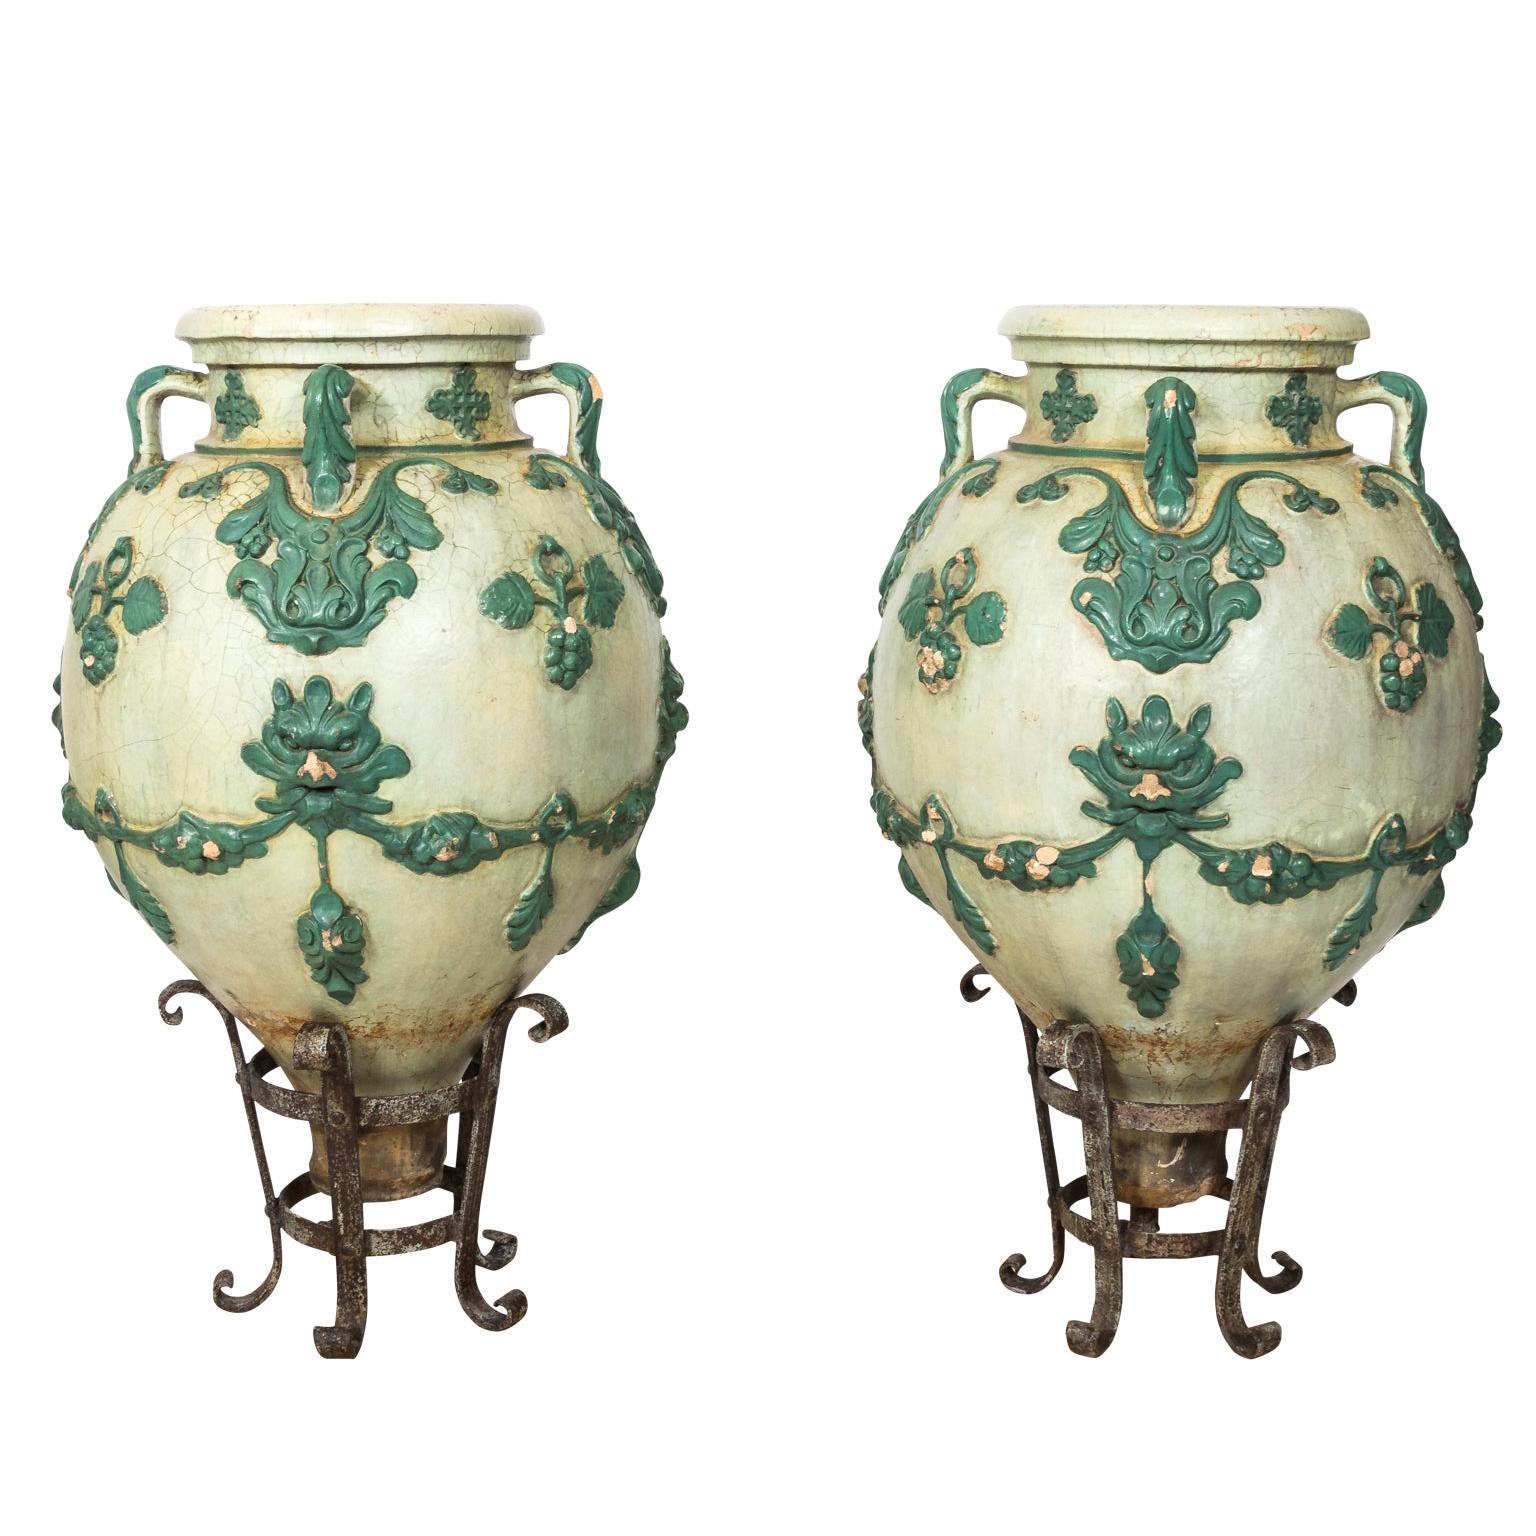 Pair of Galloway Pots, circa 1880s